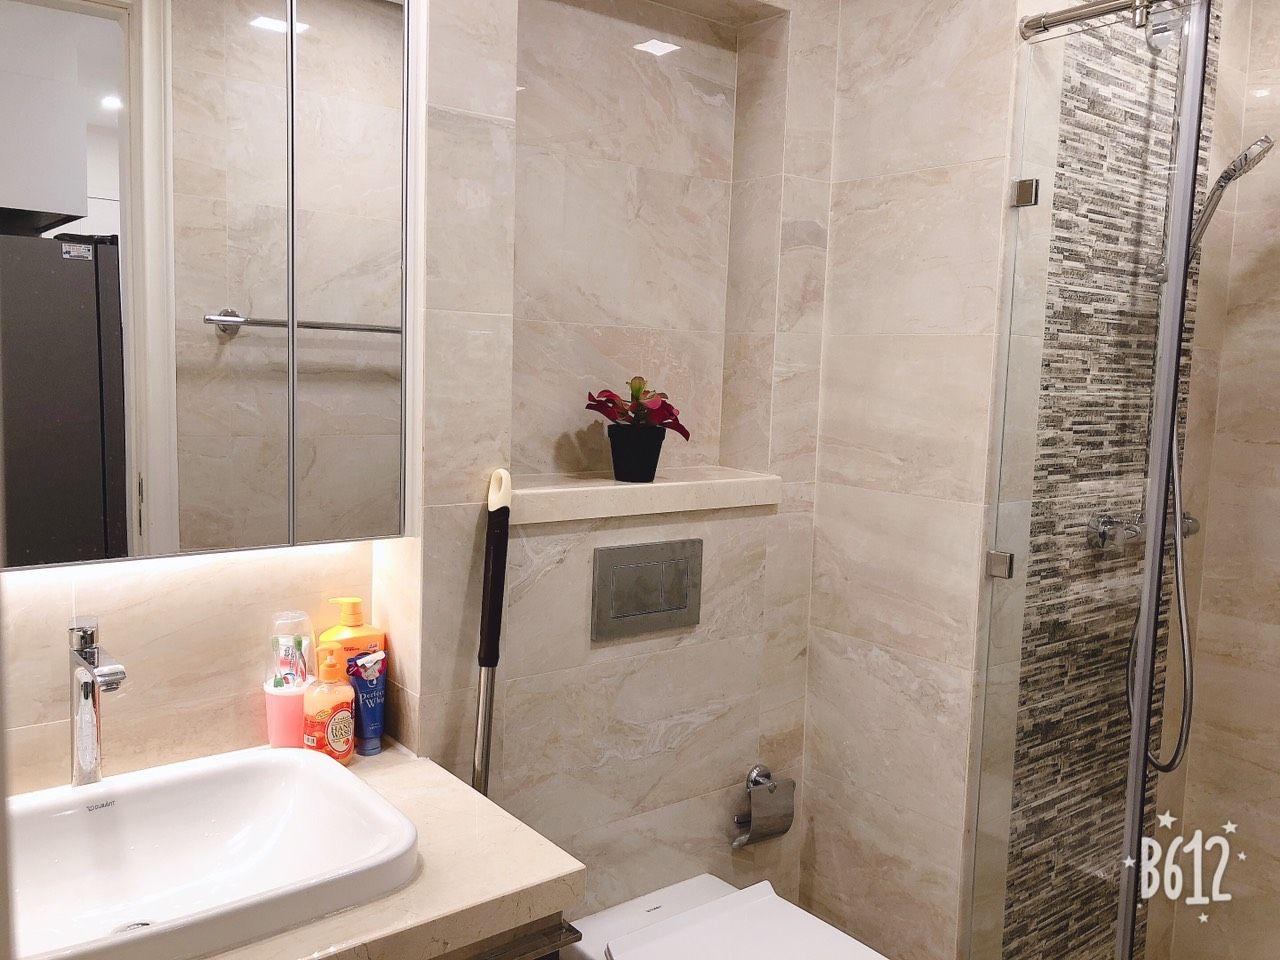 Khu vực nhà vệ sinh được thiết kế hiện đại, gọn gàng sạch sẽ